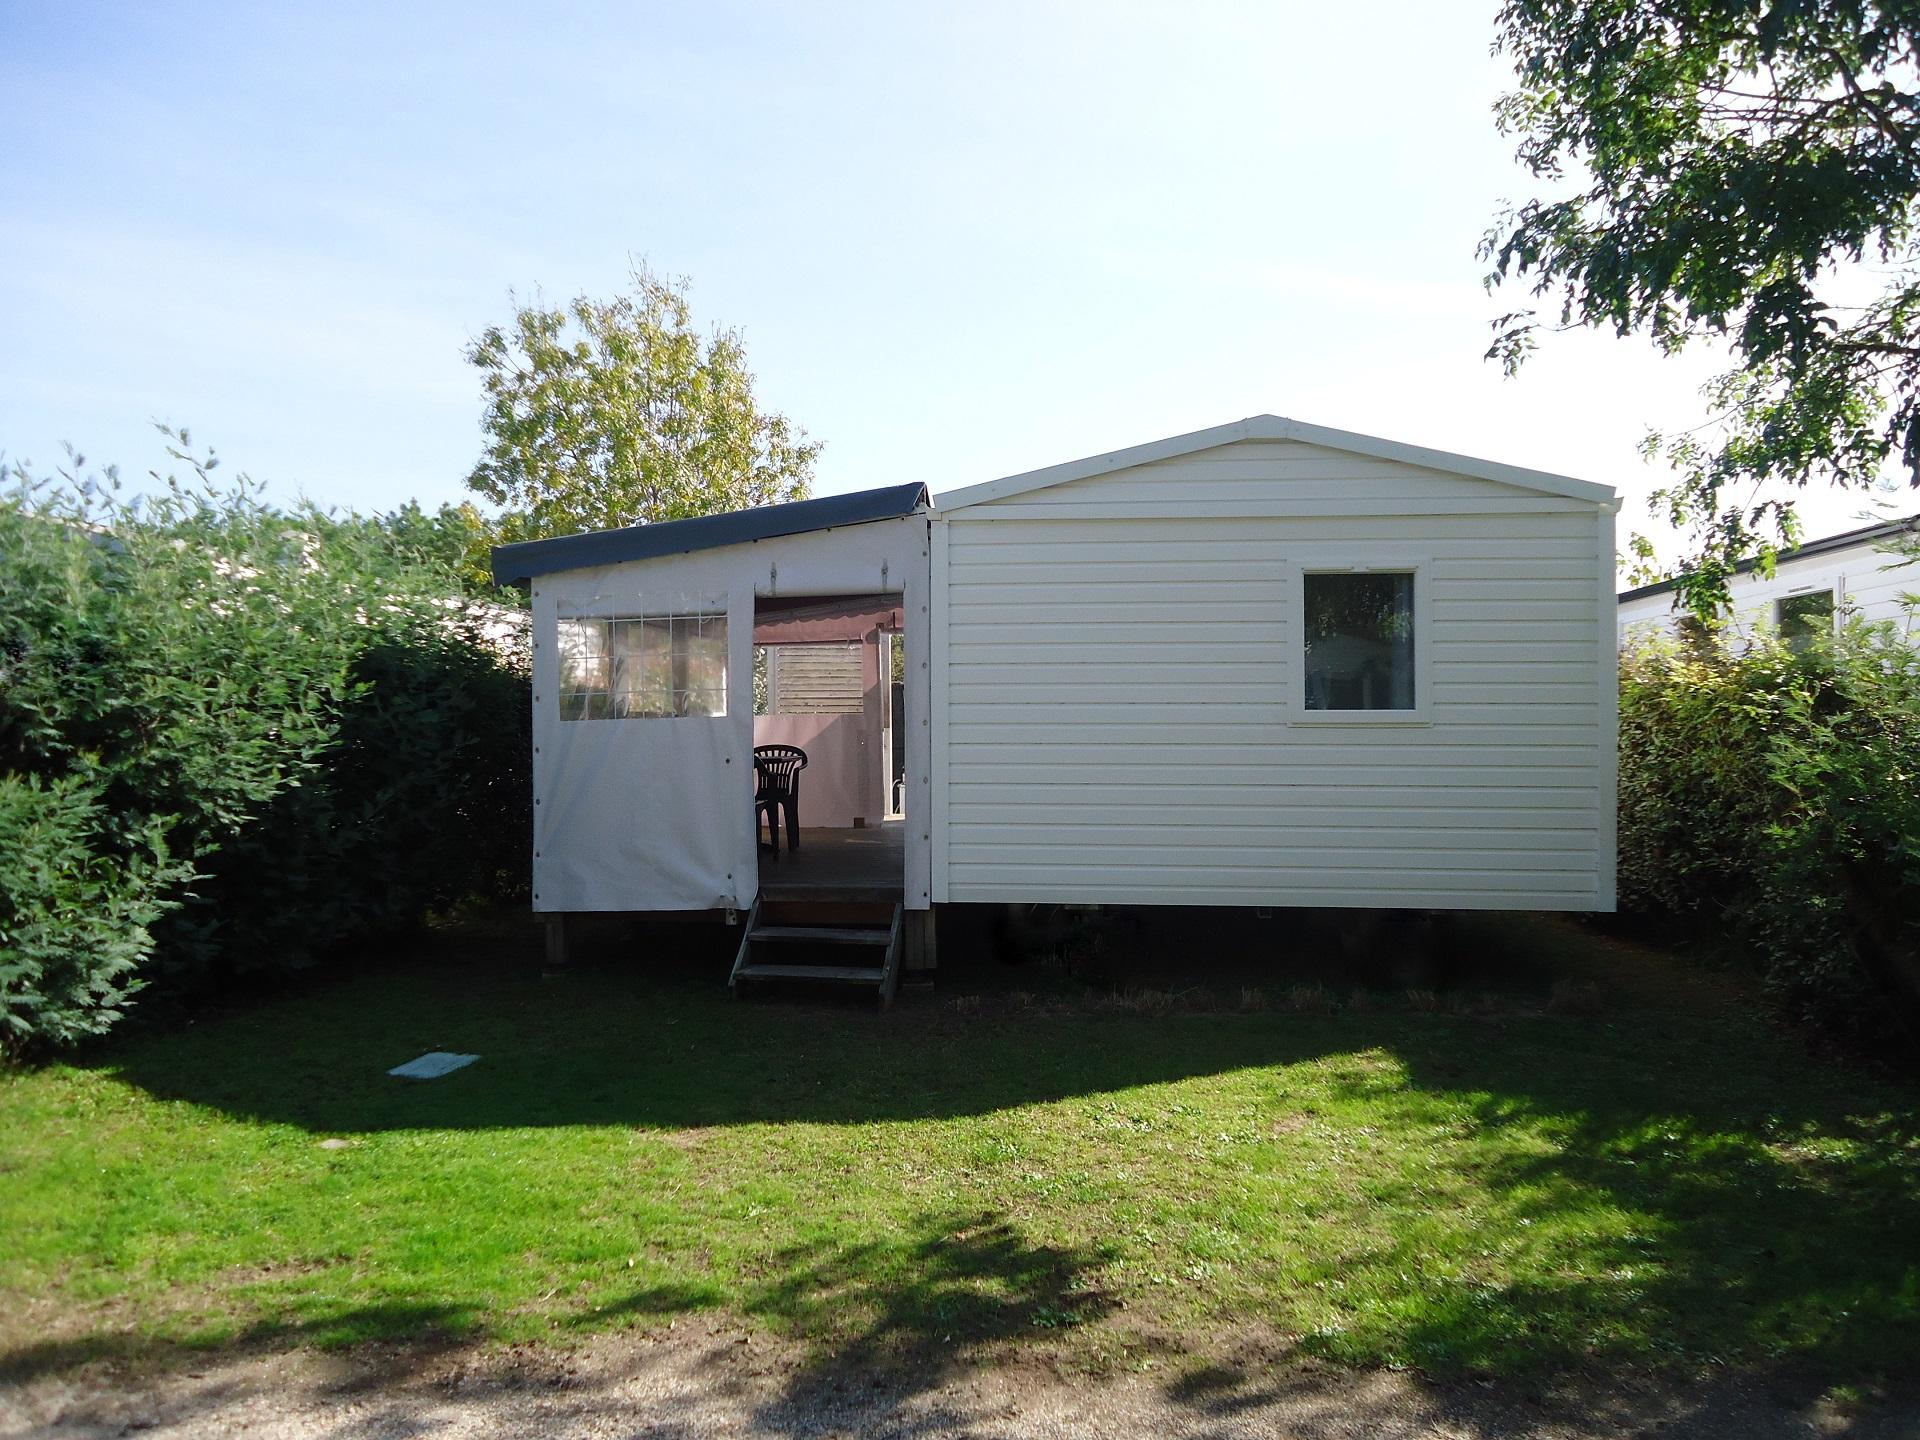 Campingplatz les Grissotières Lage Ile d'Oléron Seeküste.Charente Maritime Atlantikküste